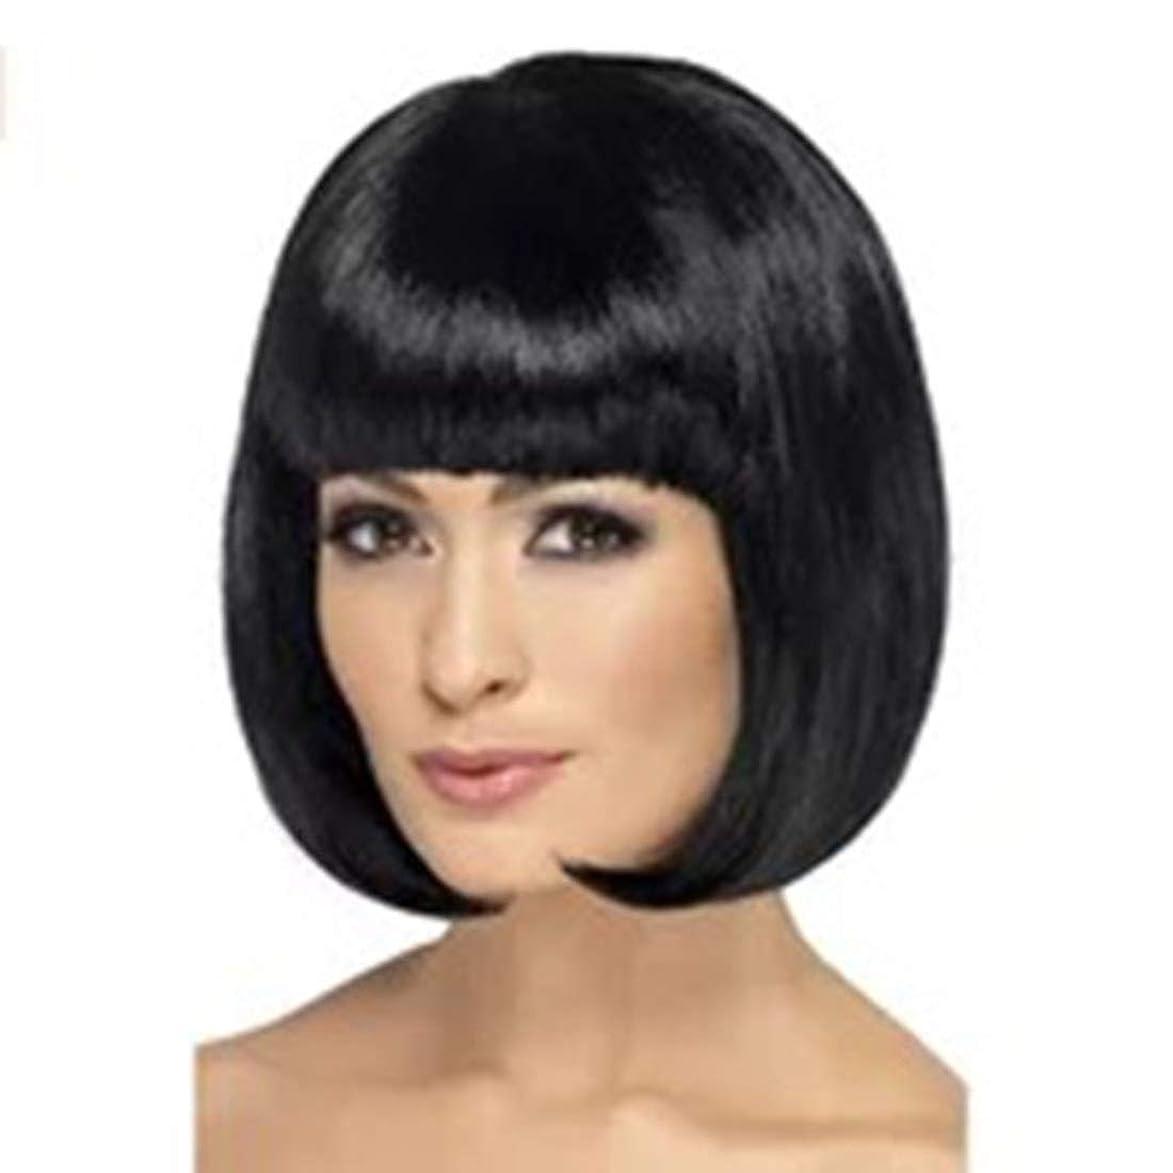 巻き戻すファブリック表面Summerys ボブかつら女性のための平らな前髪ふわふわ自然耐熱交換かつら完全な合成かつら